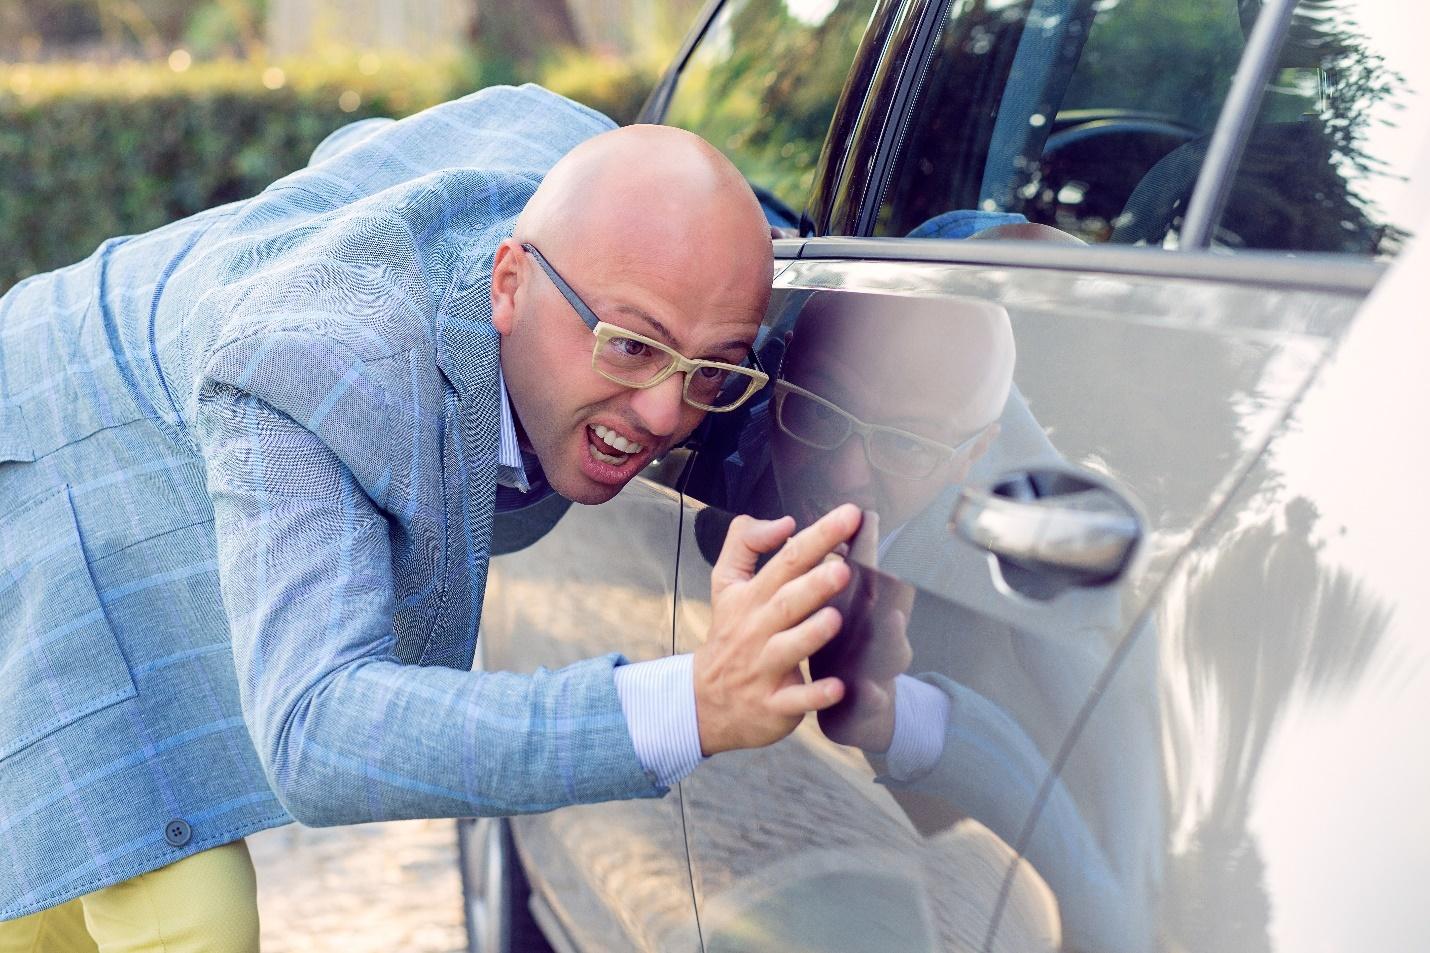 Педант высматривает чистоту машины